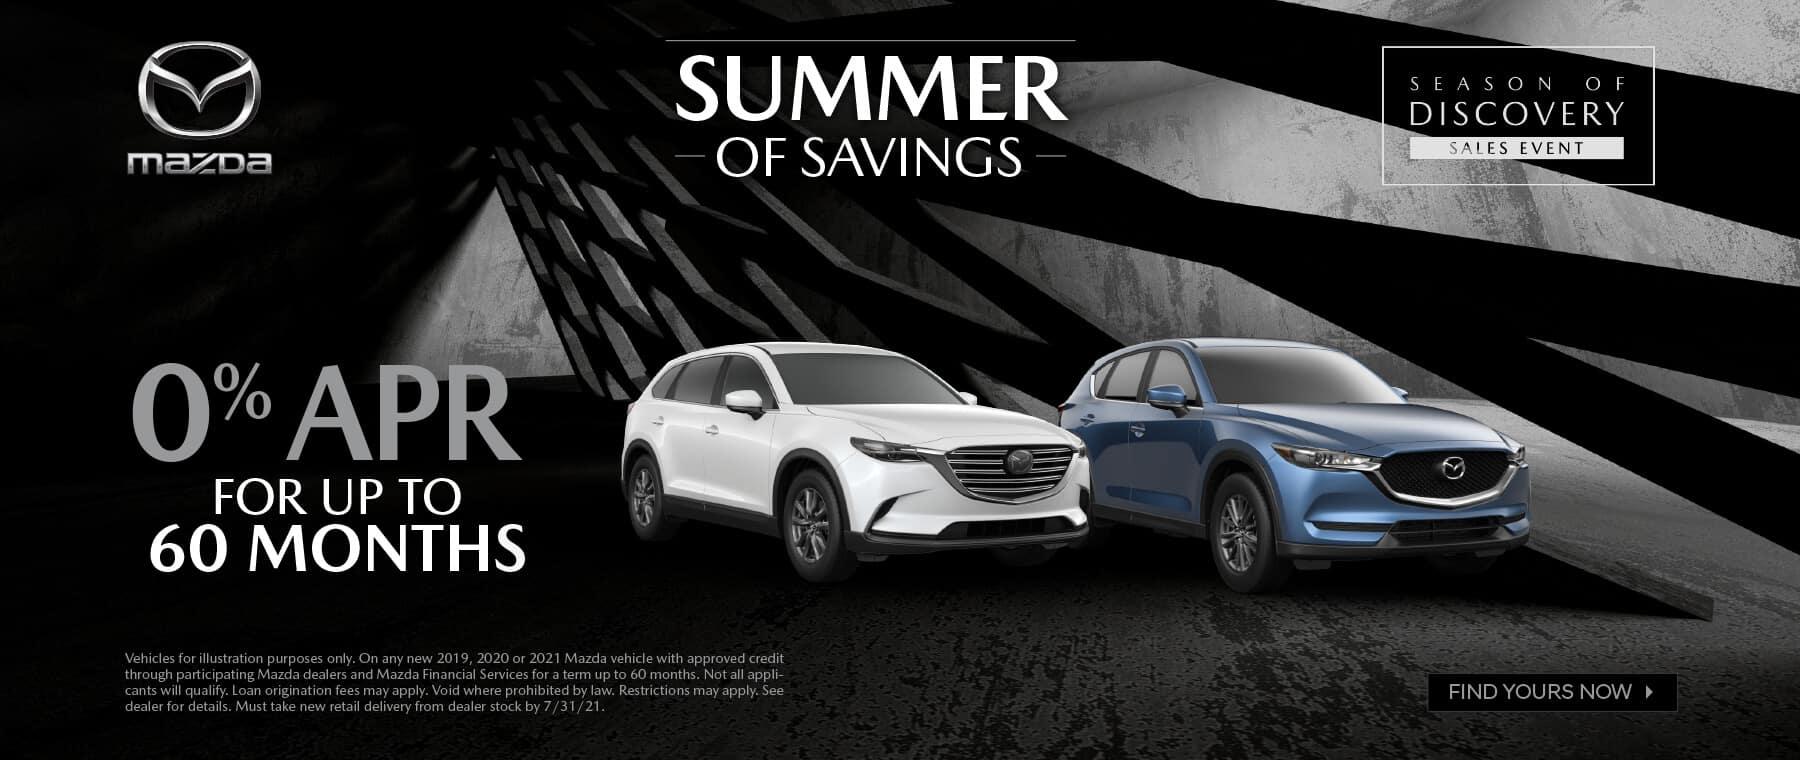 2021.05.26-Keffer-Mazda-JUNE_JULY-Web-Banners-S52475vw-1